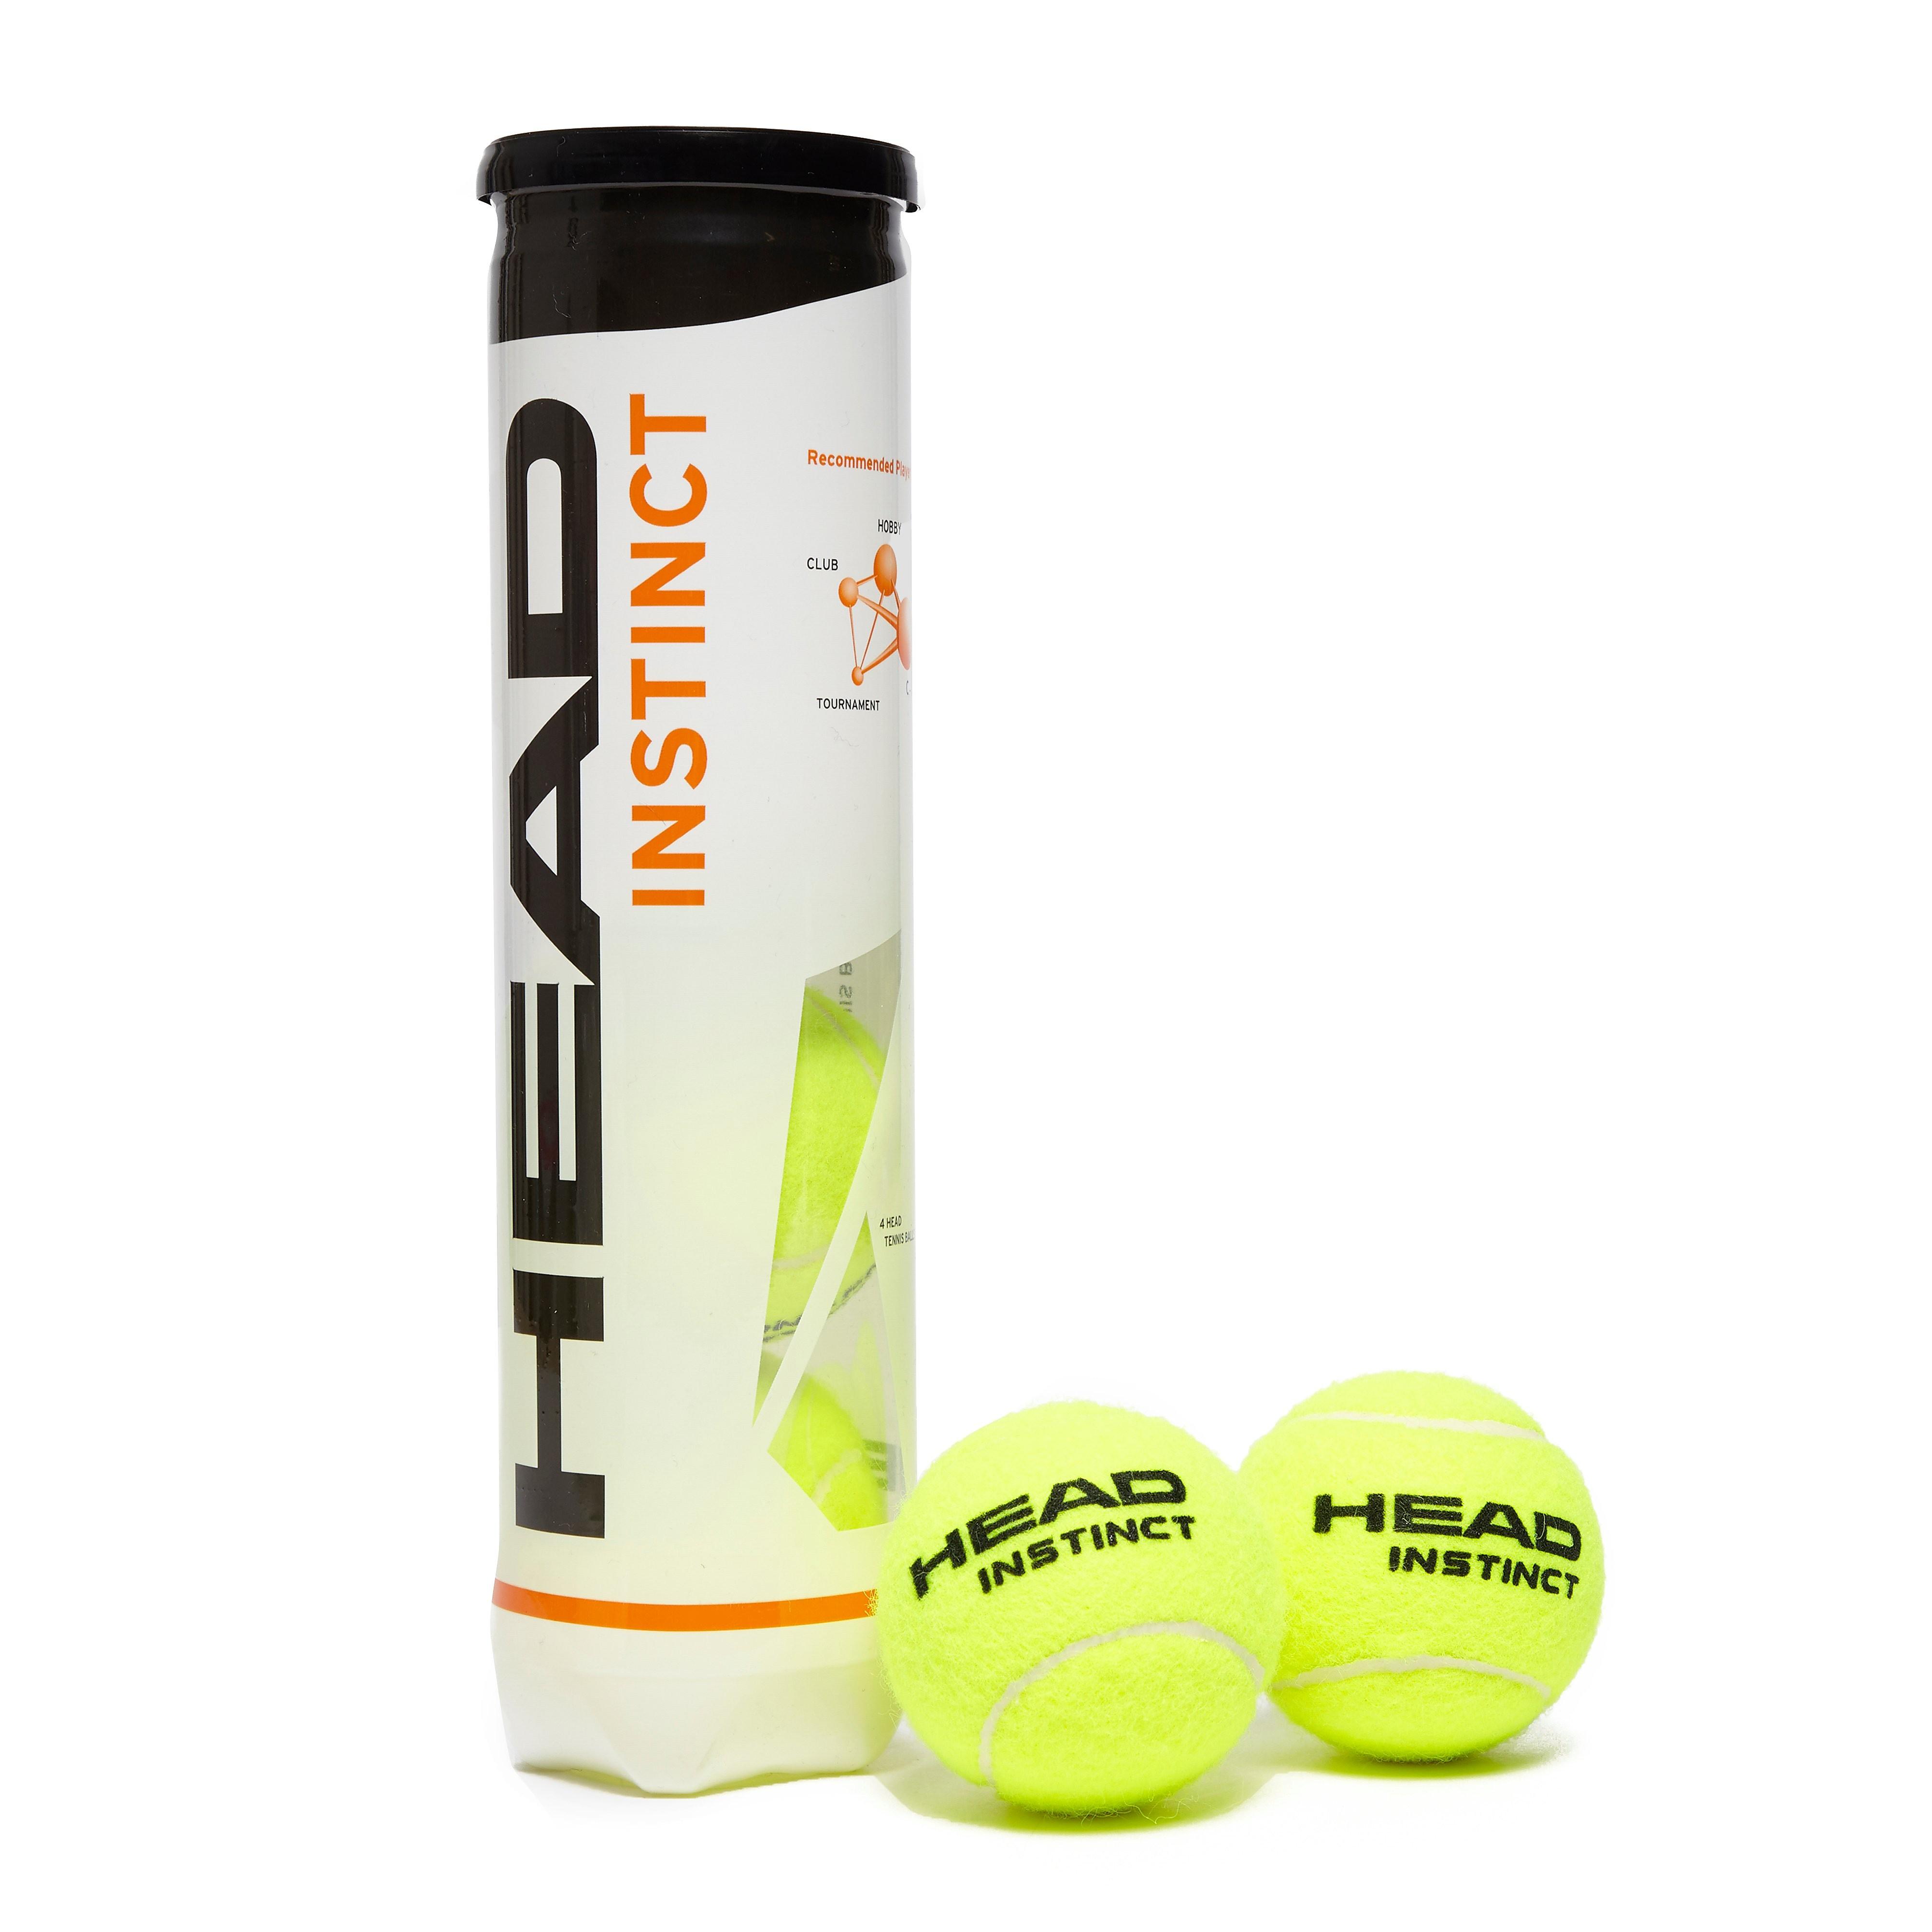 Head Instinct Tennis Balls (12 Dozen Balls)